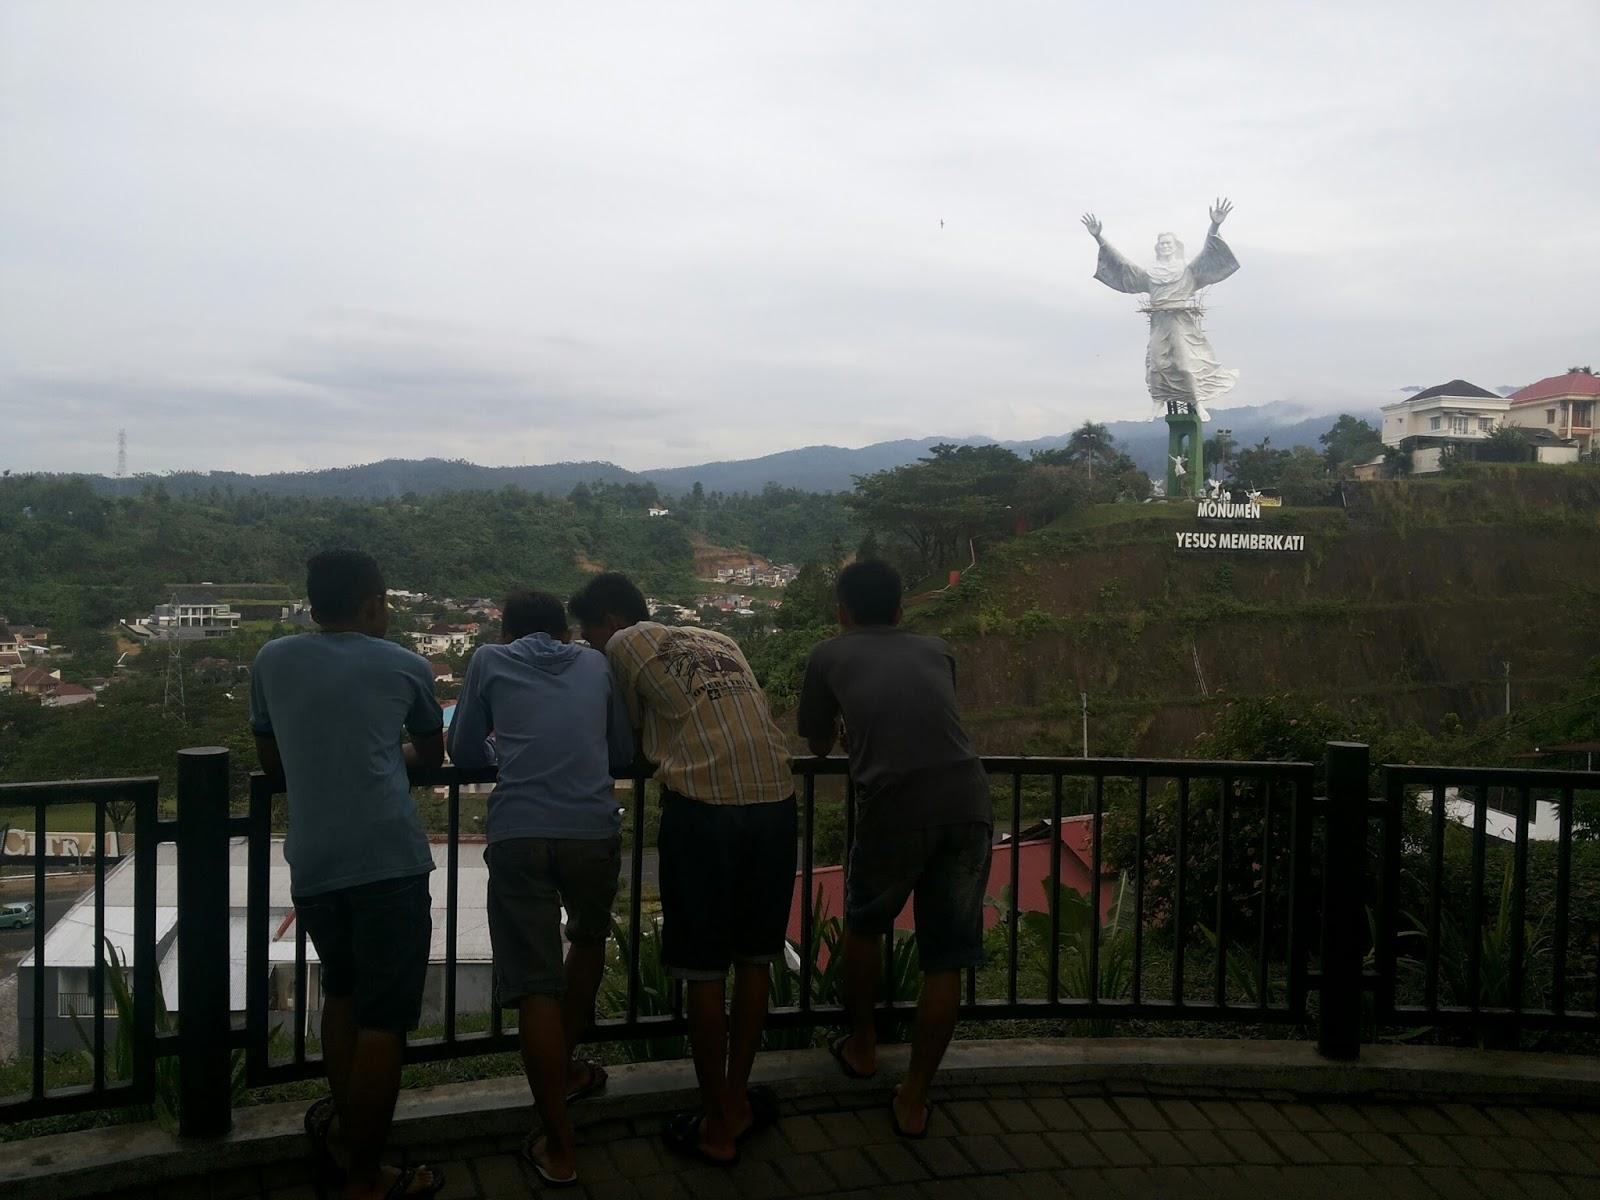 Sepasang Sepatu Hidup Patung Yesus Memberkati Manado Kedua Taman Kecil